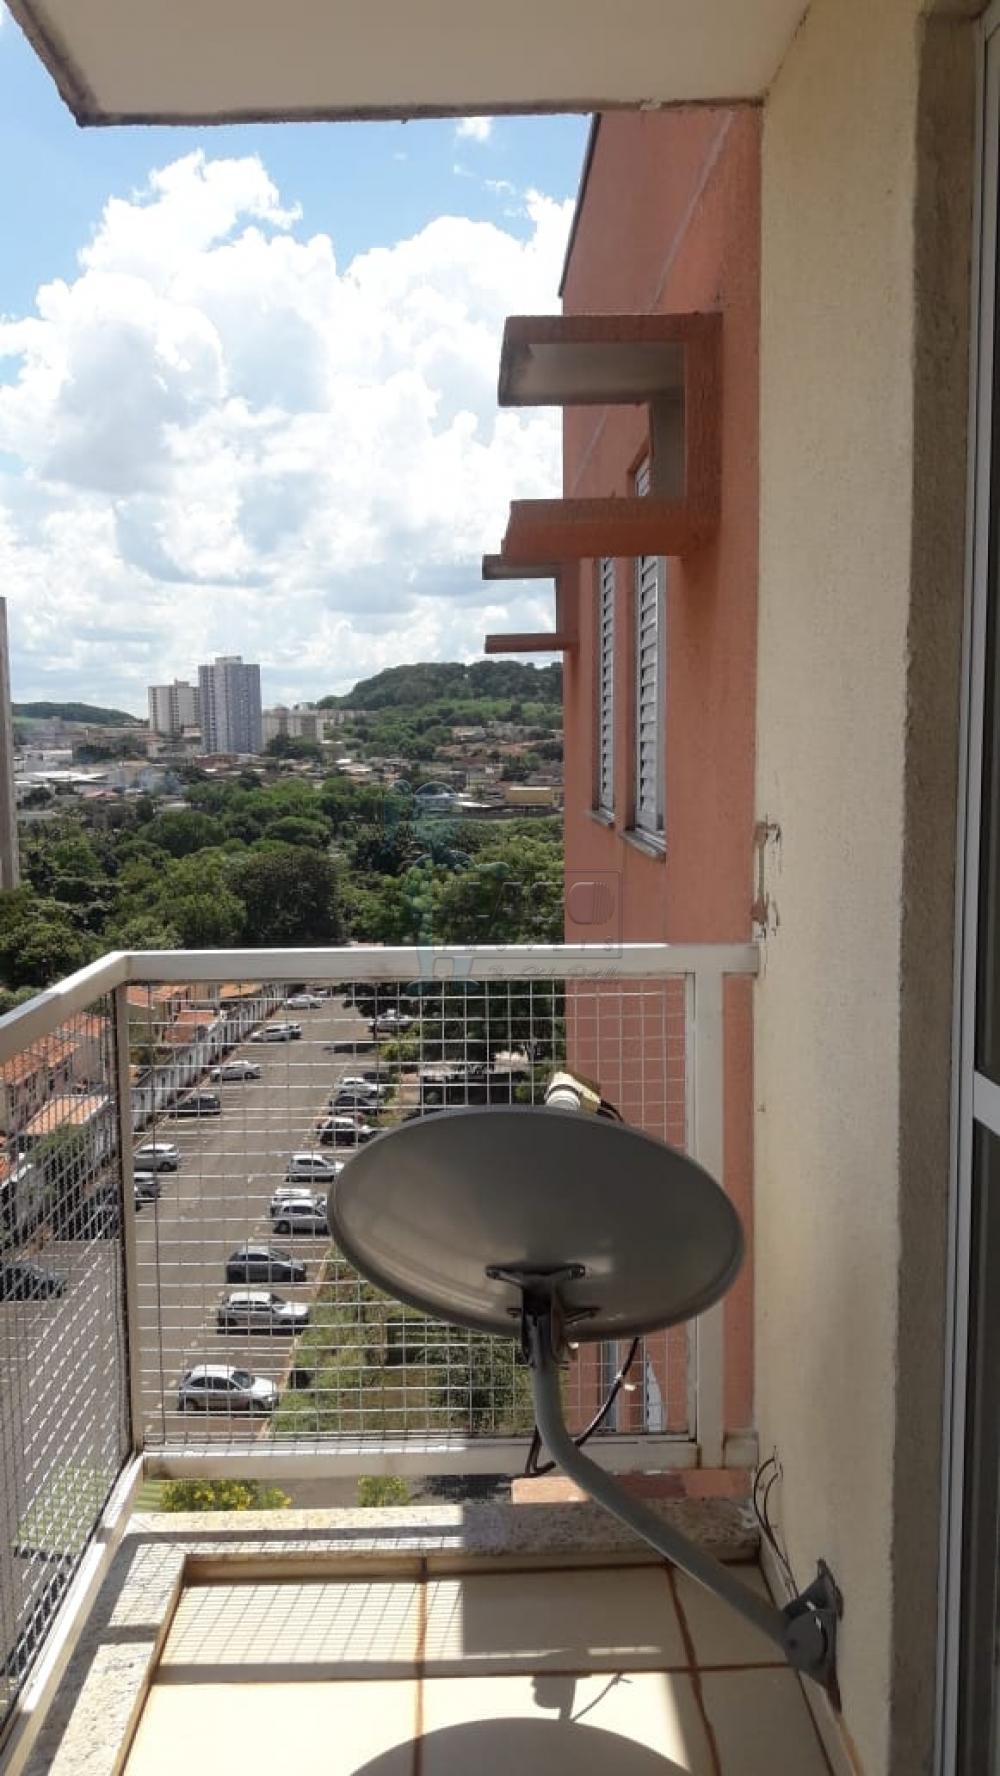 Comprar Apartamento / Padrão em Ribeirão Preto apenas R$ 205.000,00 - Foto 3